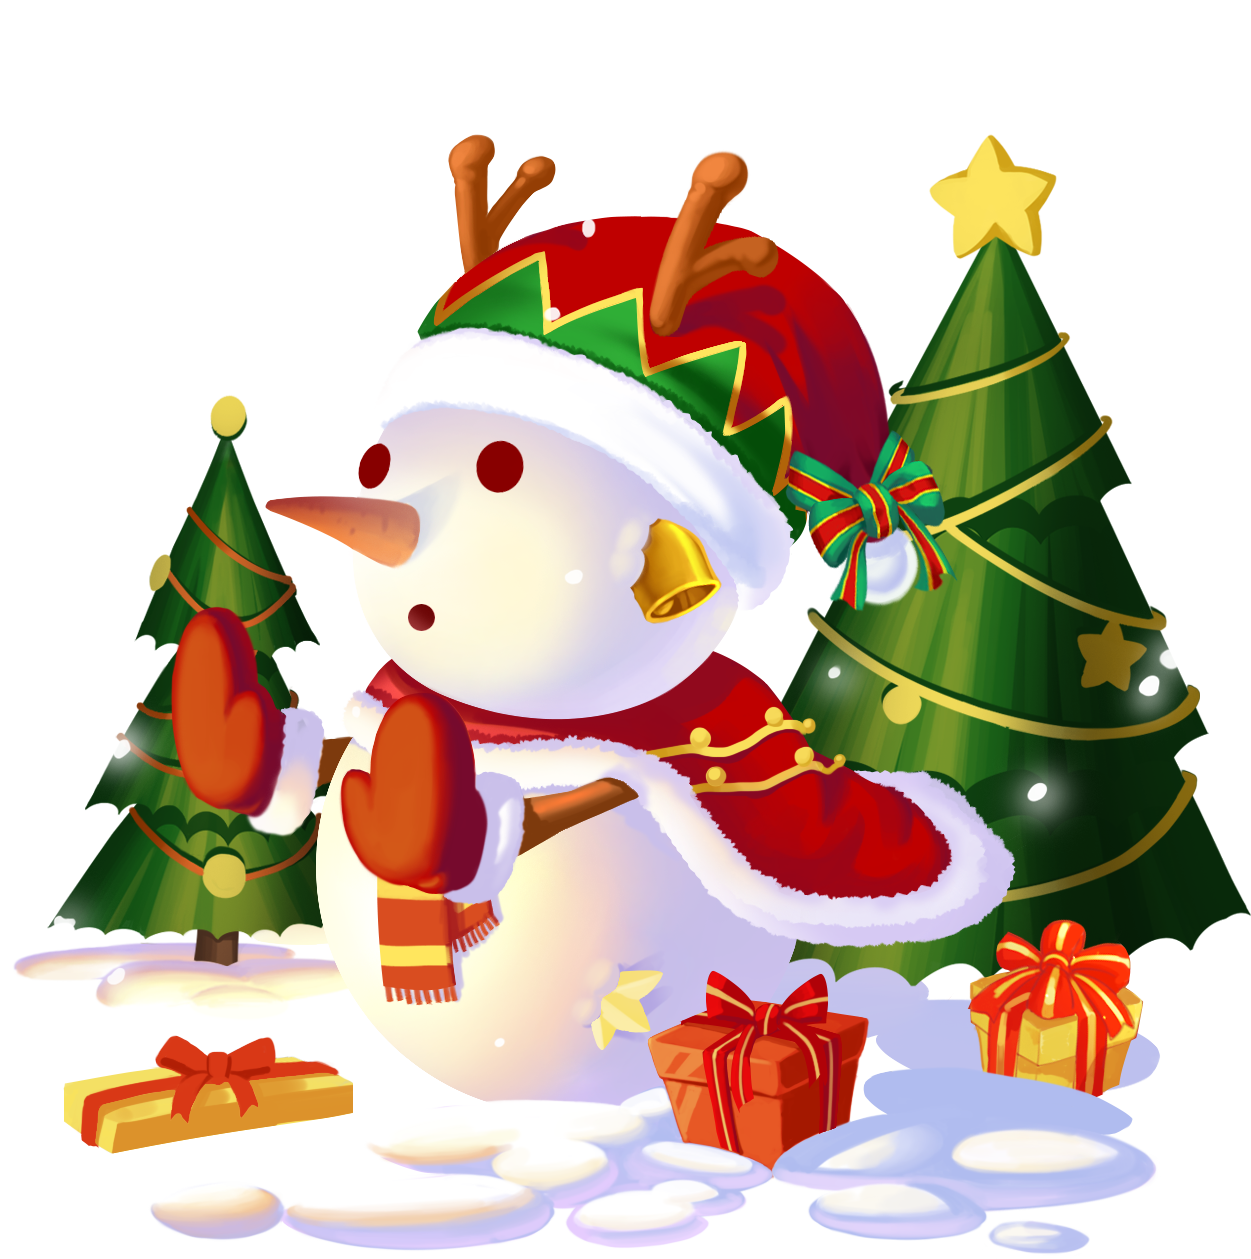 基尼尼陪玩收到礼物圣诞雪人